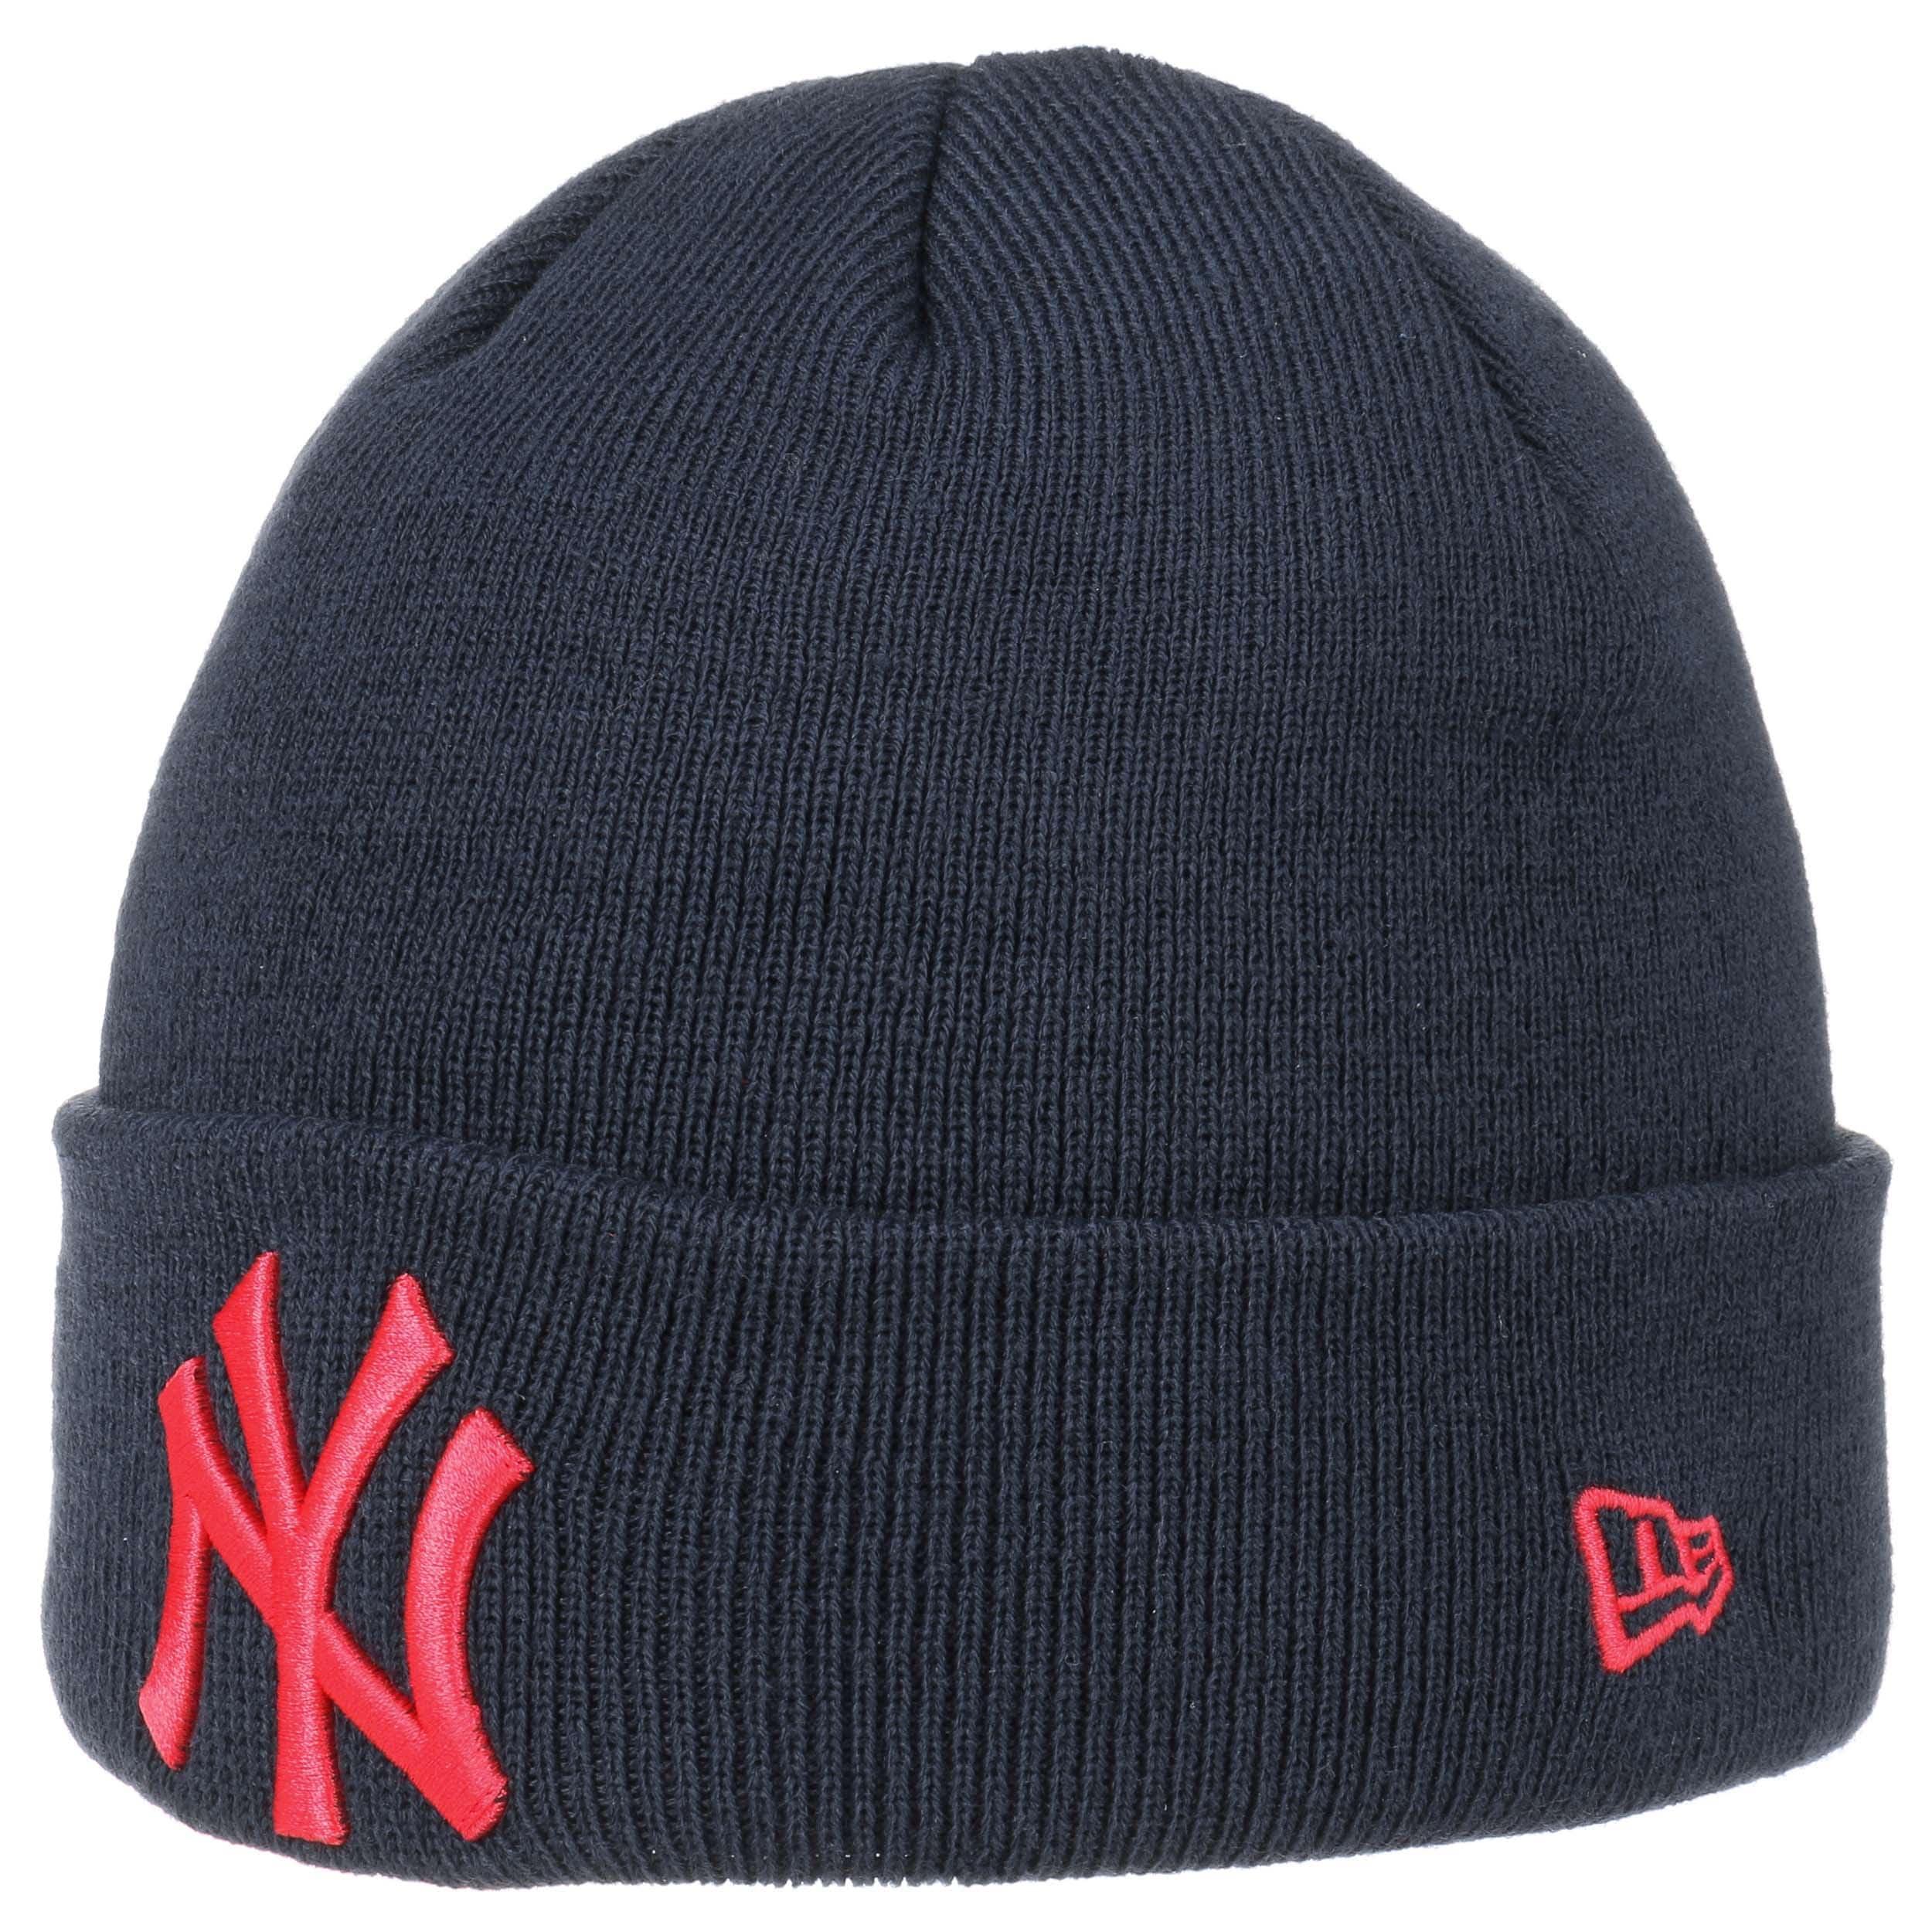 de1936ea350ec ... Gorro Beanie League Ess Cuff Yankees by New Era - azul oscuro 4 ...